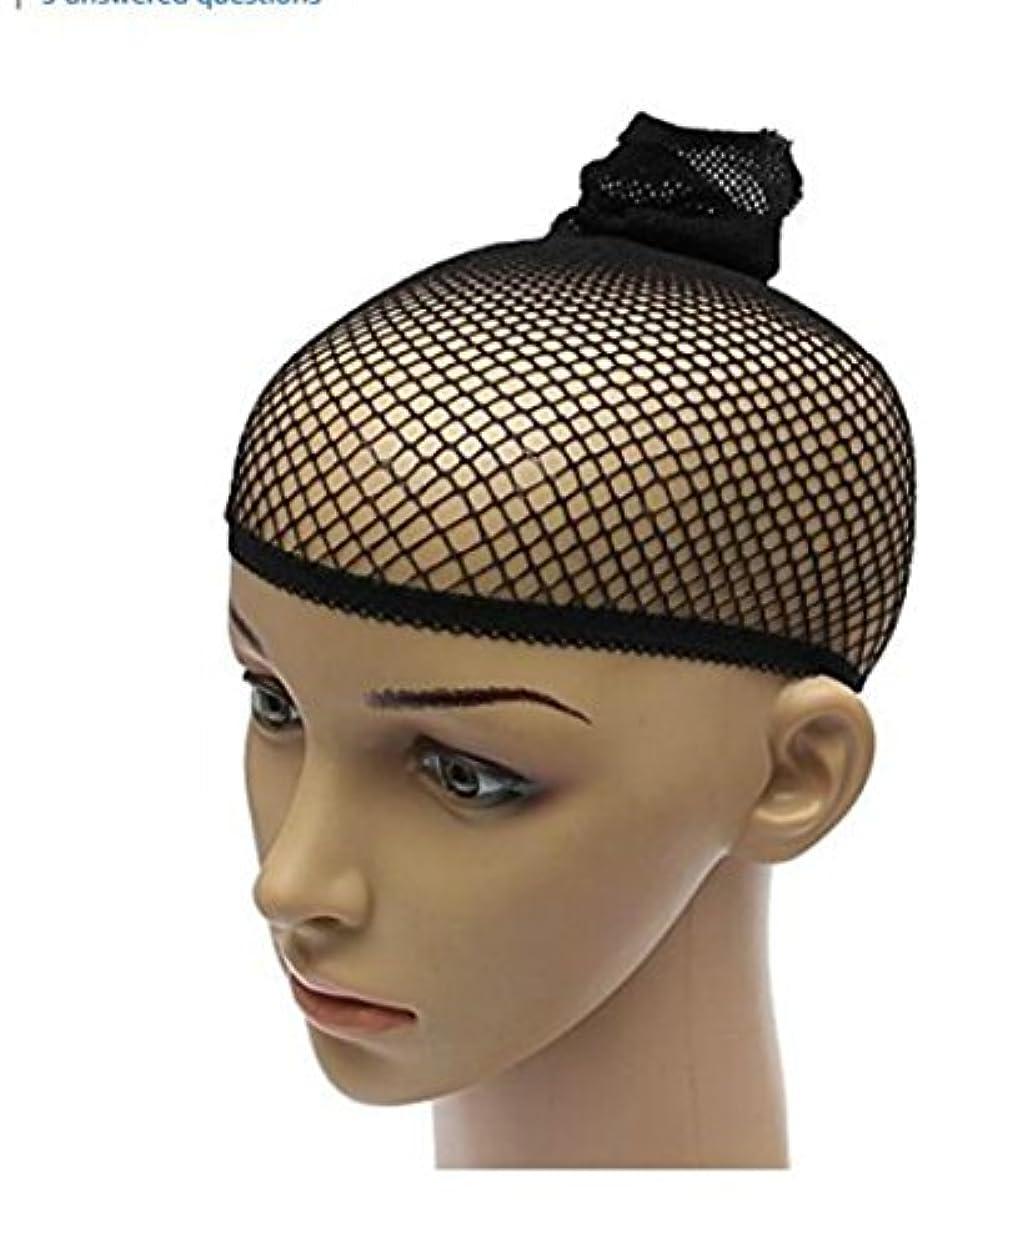 説明的会社ハイジャックTAKIの部屋 ウィッグネット ウィッグ専用 ハロイン変身用 ヘアーネット 筒型 ブラック フリーサイズ ユニセックス